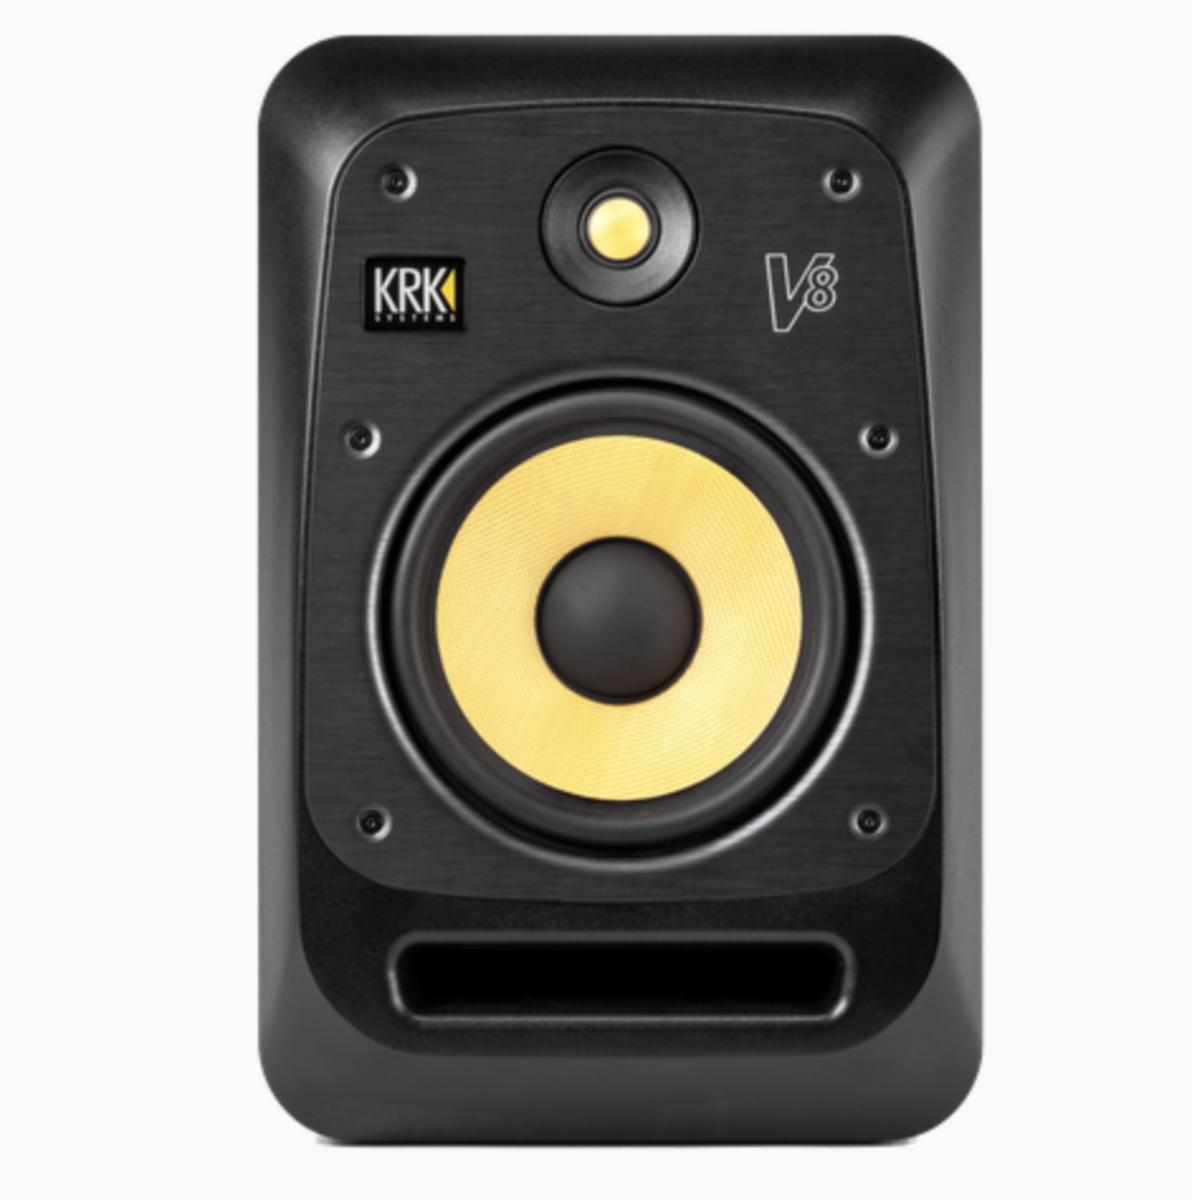 The KRK V8 S4 Speaker